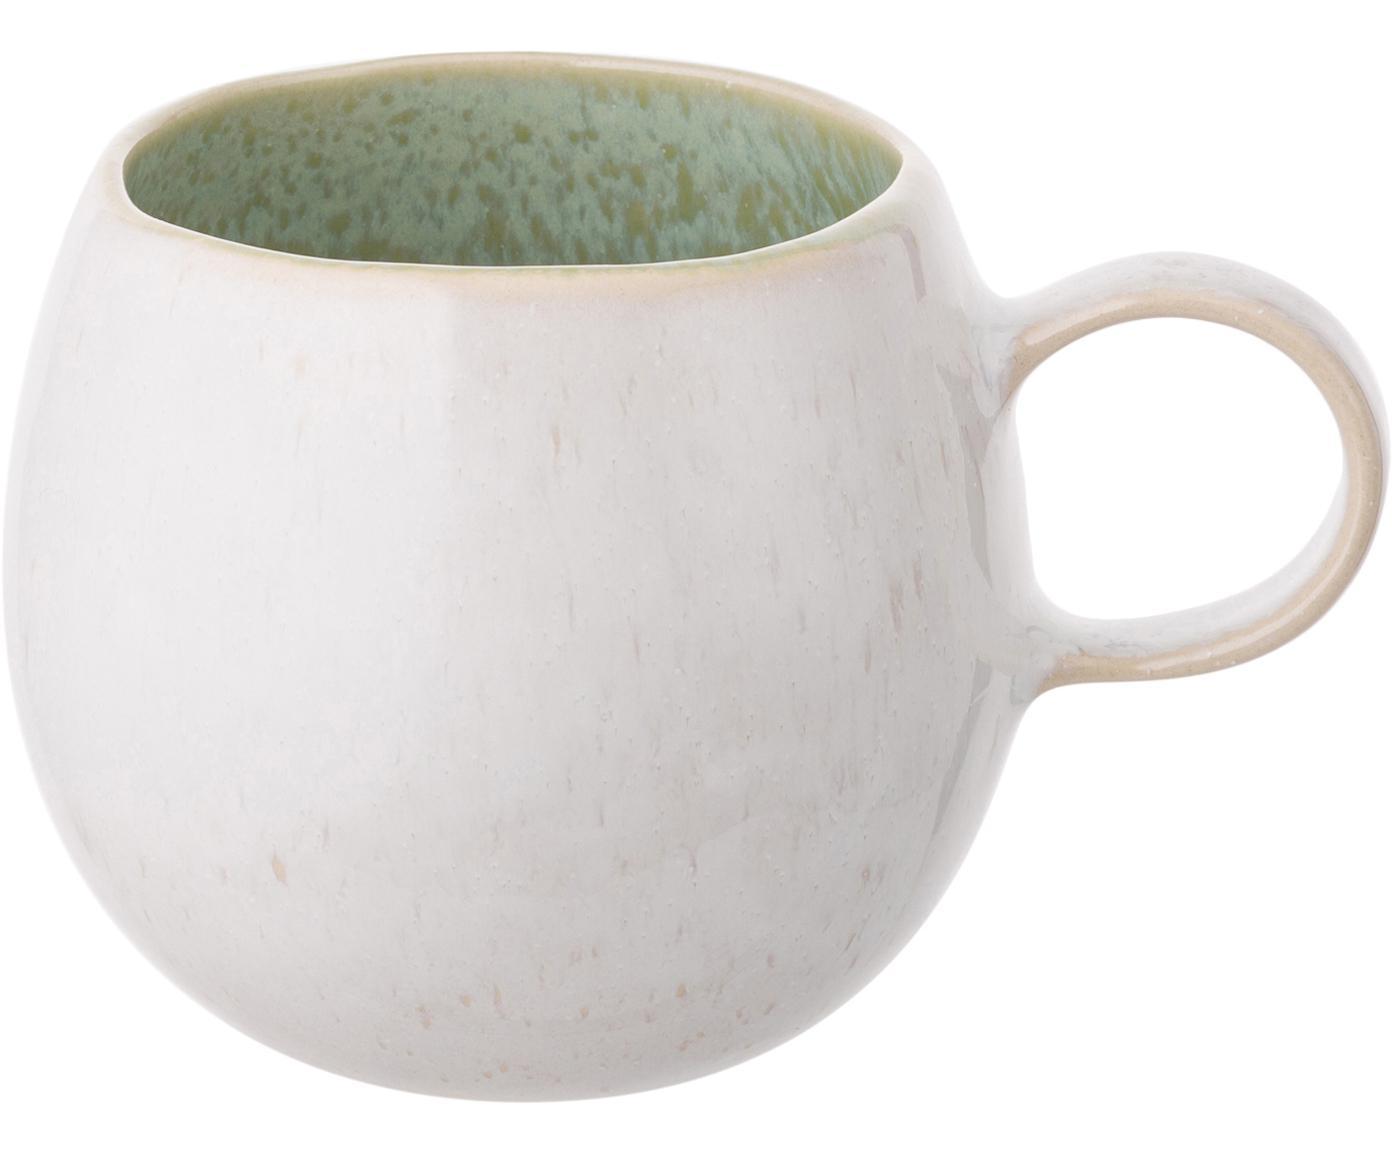 Tazze da tè dipinte a mano Areia, 2 pz., Gres, Menta, bianco latteo, beige, Ø 9 x A 10 cm